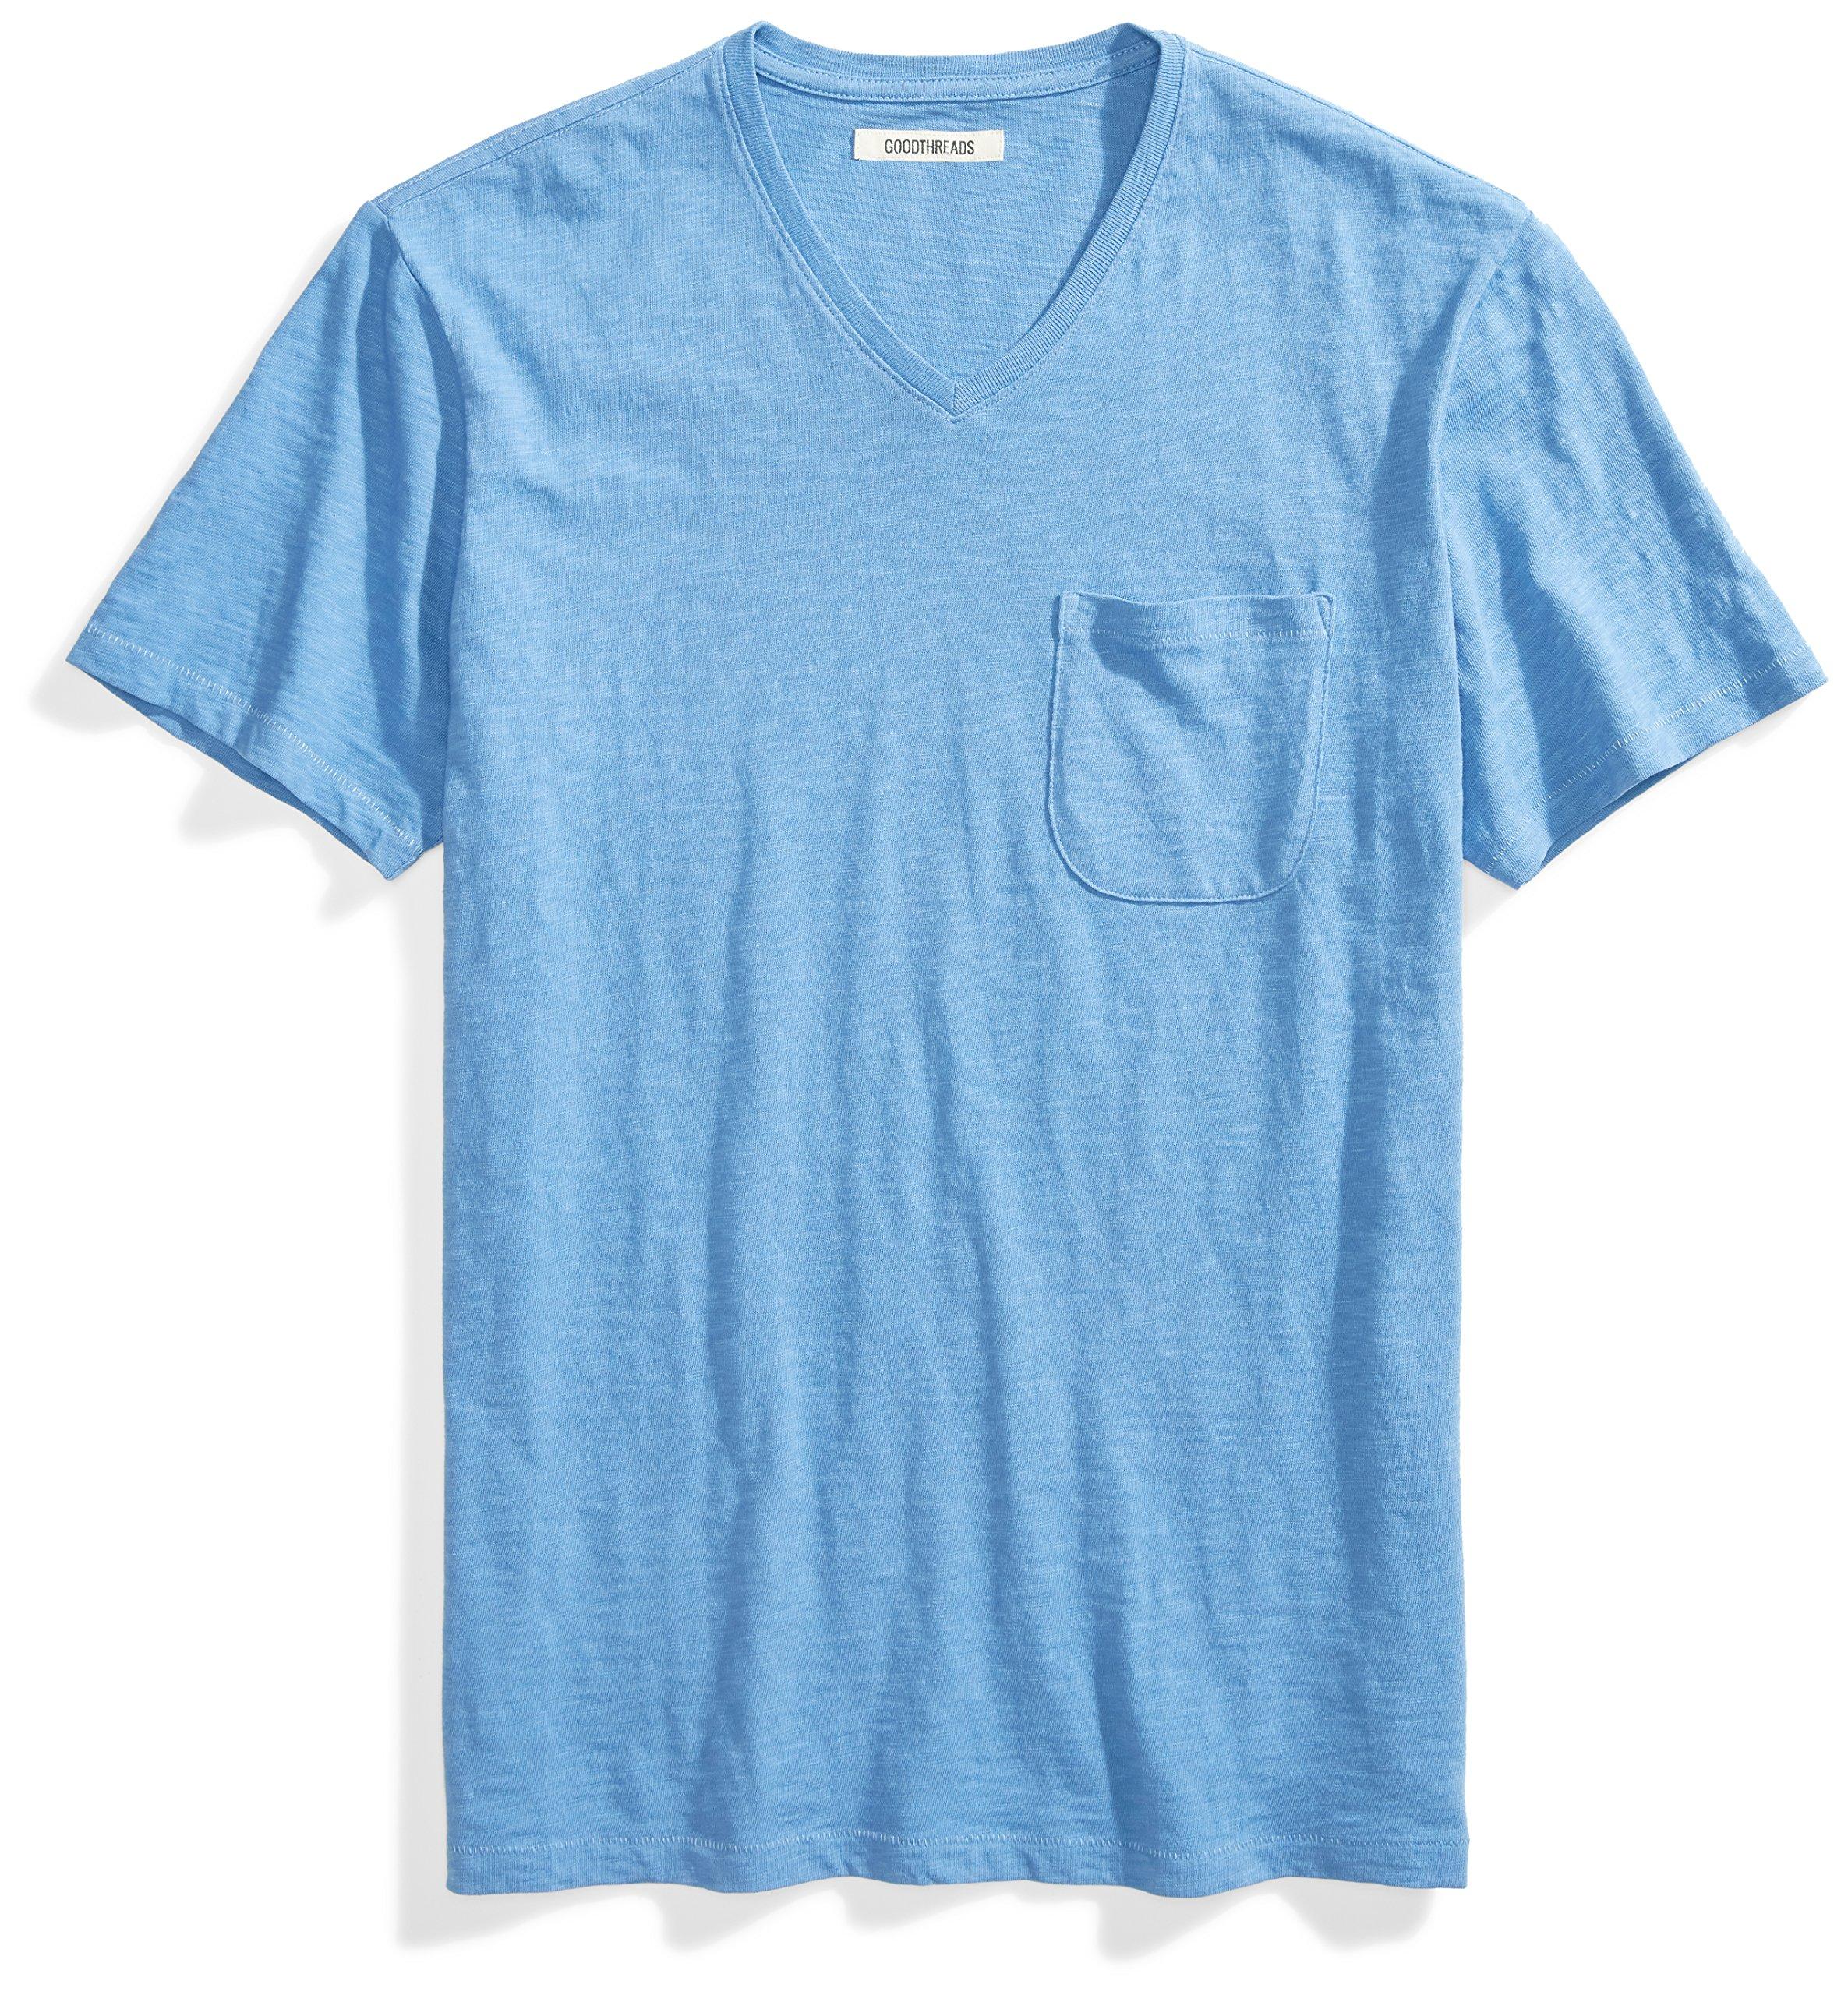 Goodthreads Men's Short-Sleeve V-Neck Slub Pocket T-Shirt, Moonlight Blue/Blue, Large